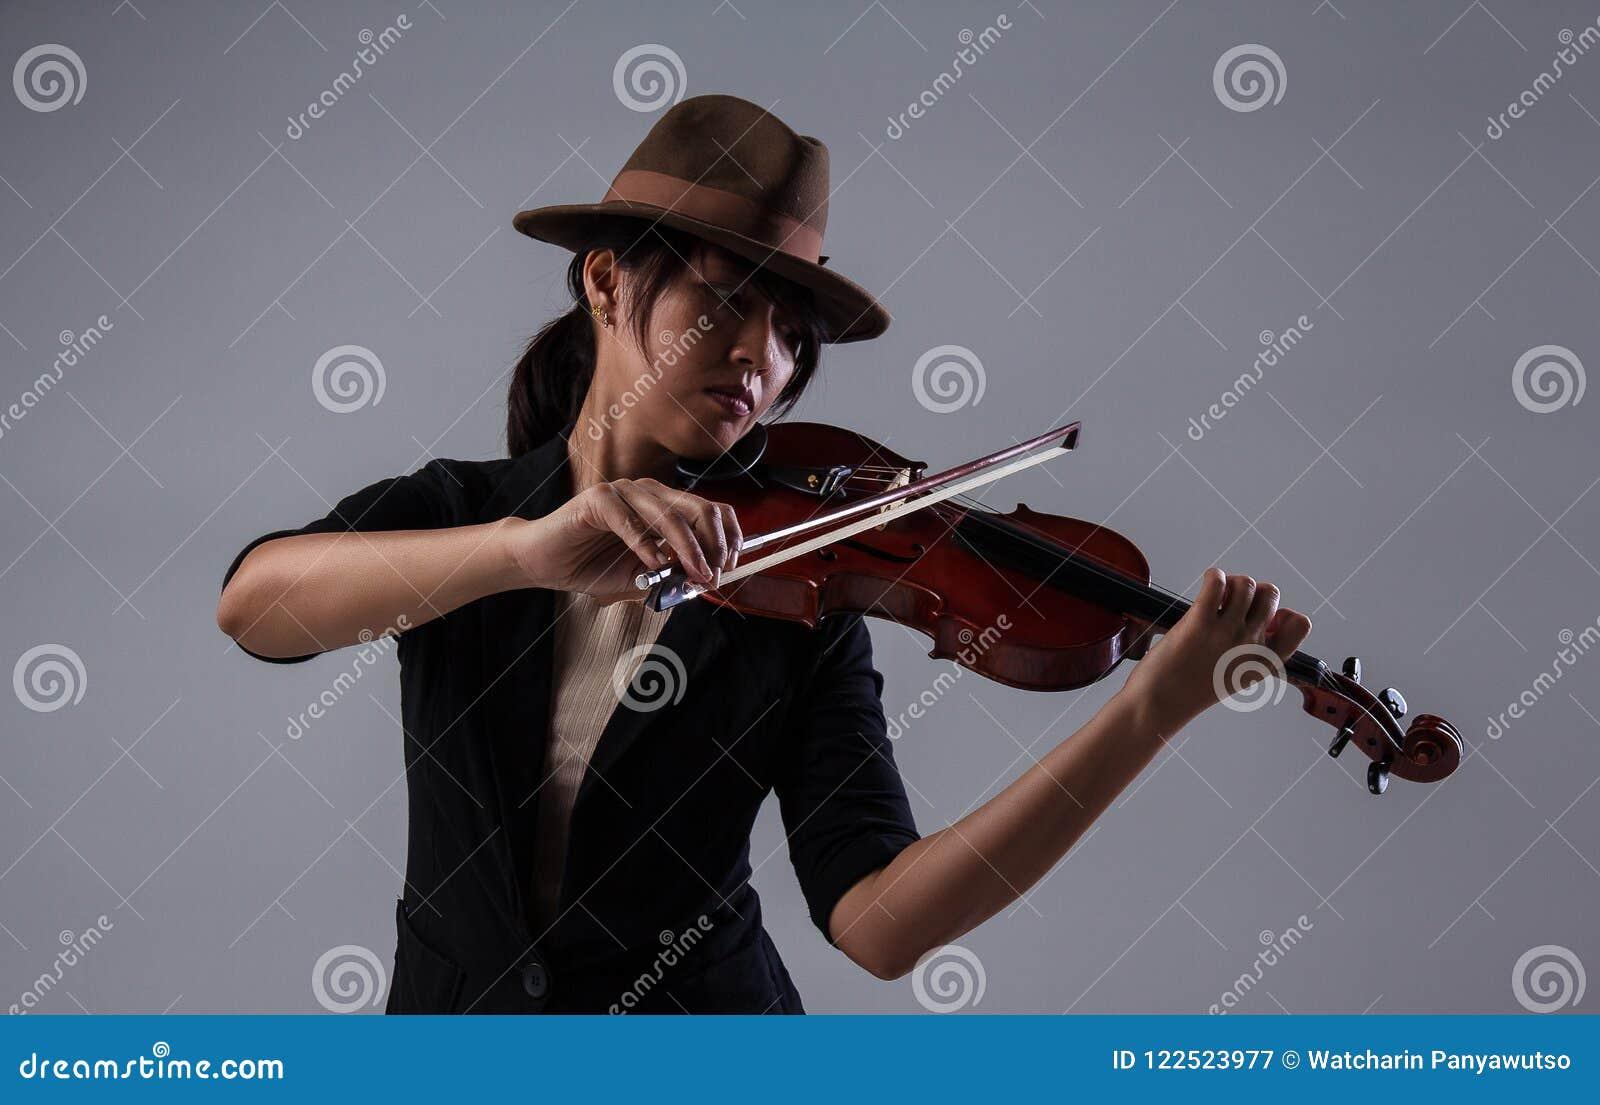 Damen med den bruna hatten spelar fiolen, satte fiolen på vänster skuldra och rymmer pilbågefiolen med assistenten